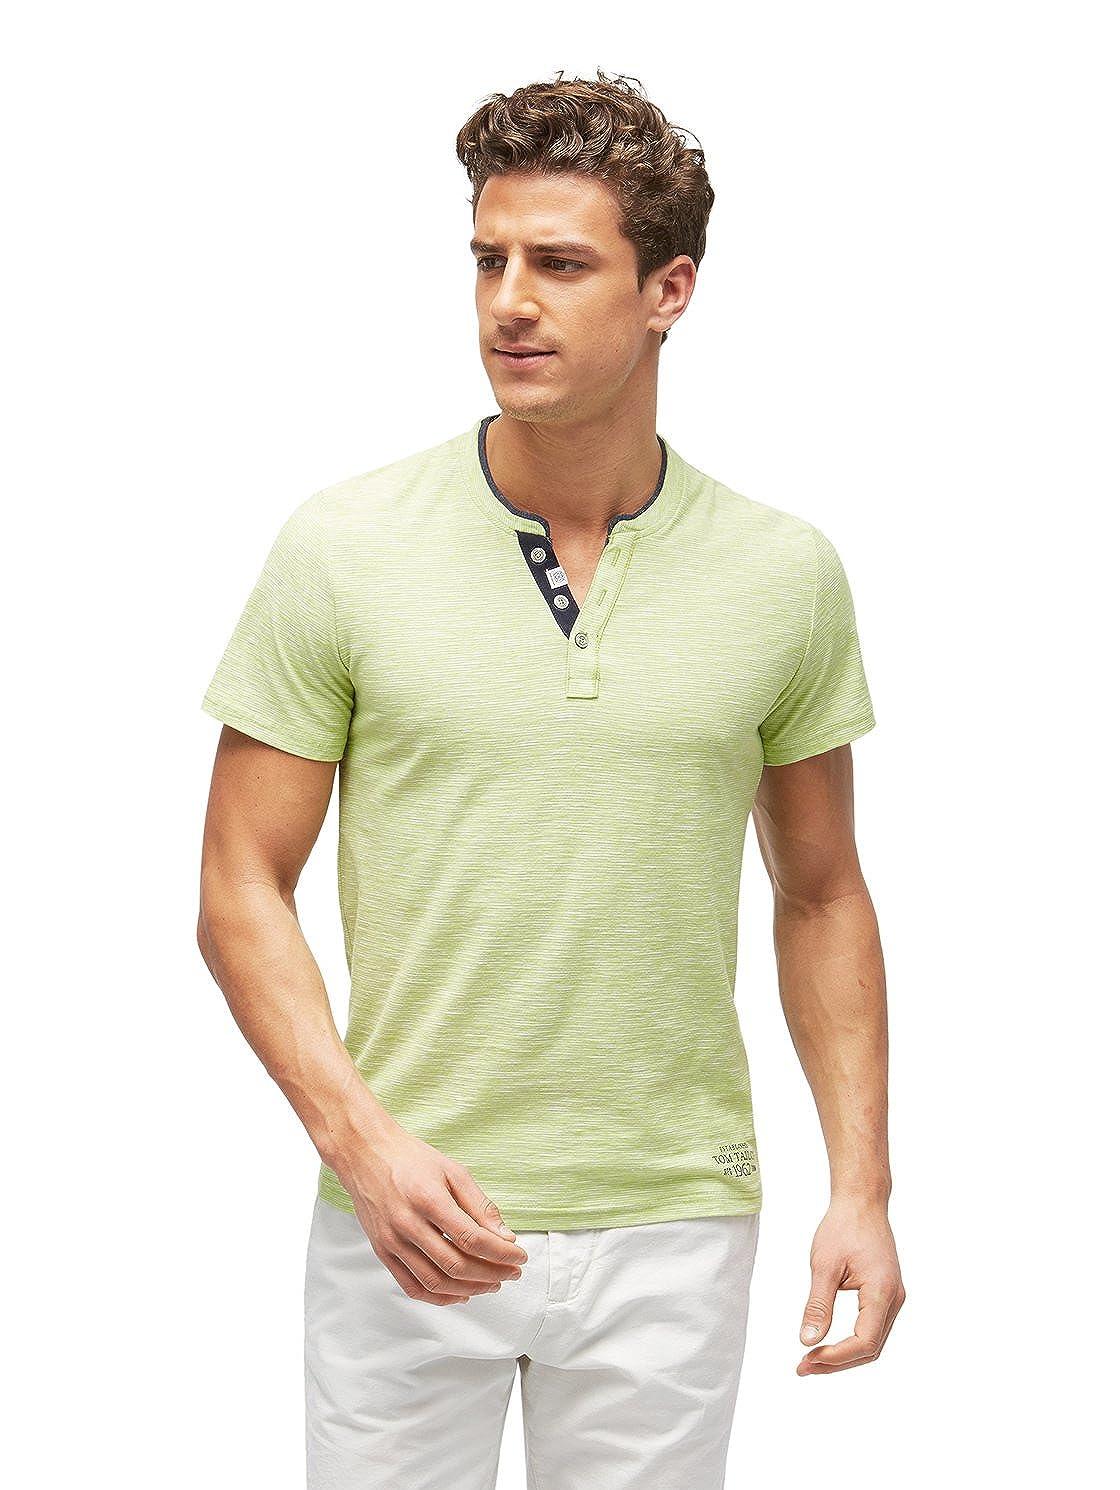 Tom Tailor 1002 - Camiseta para Hombre, diseño de Rayas, Color ...